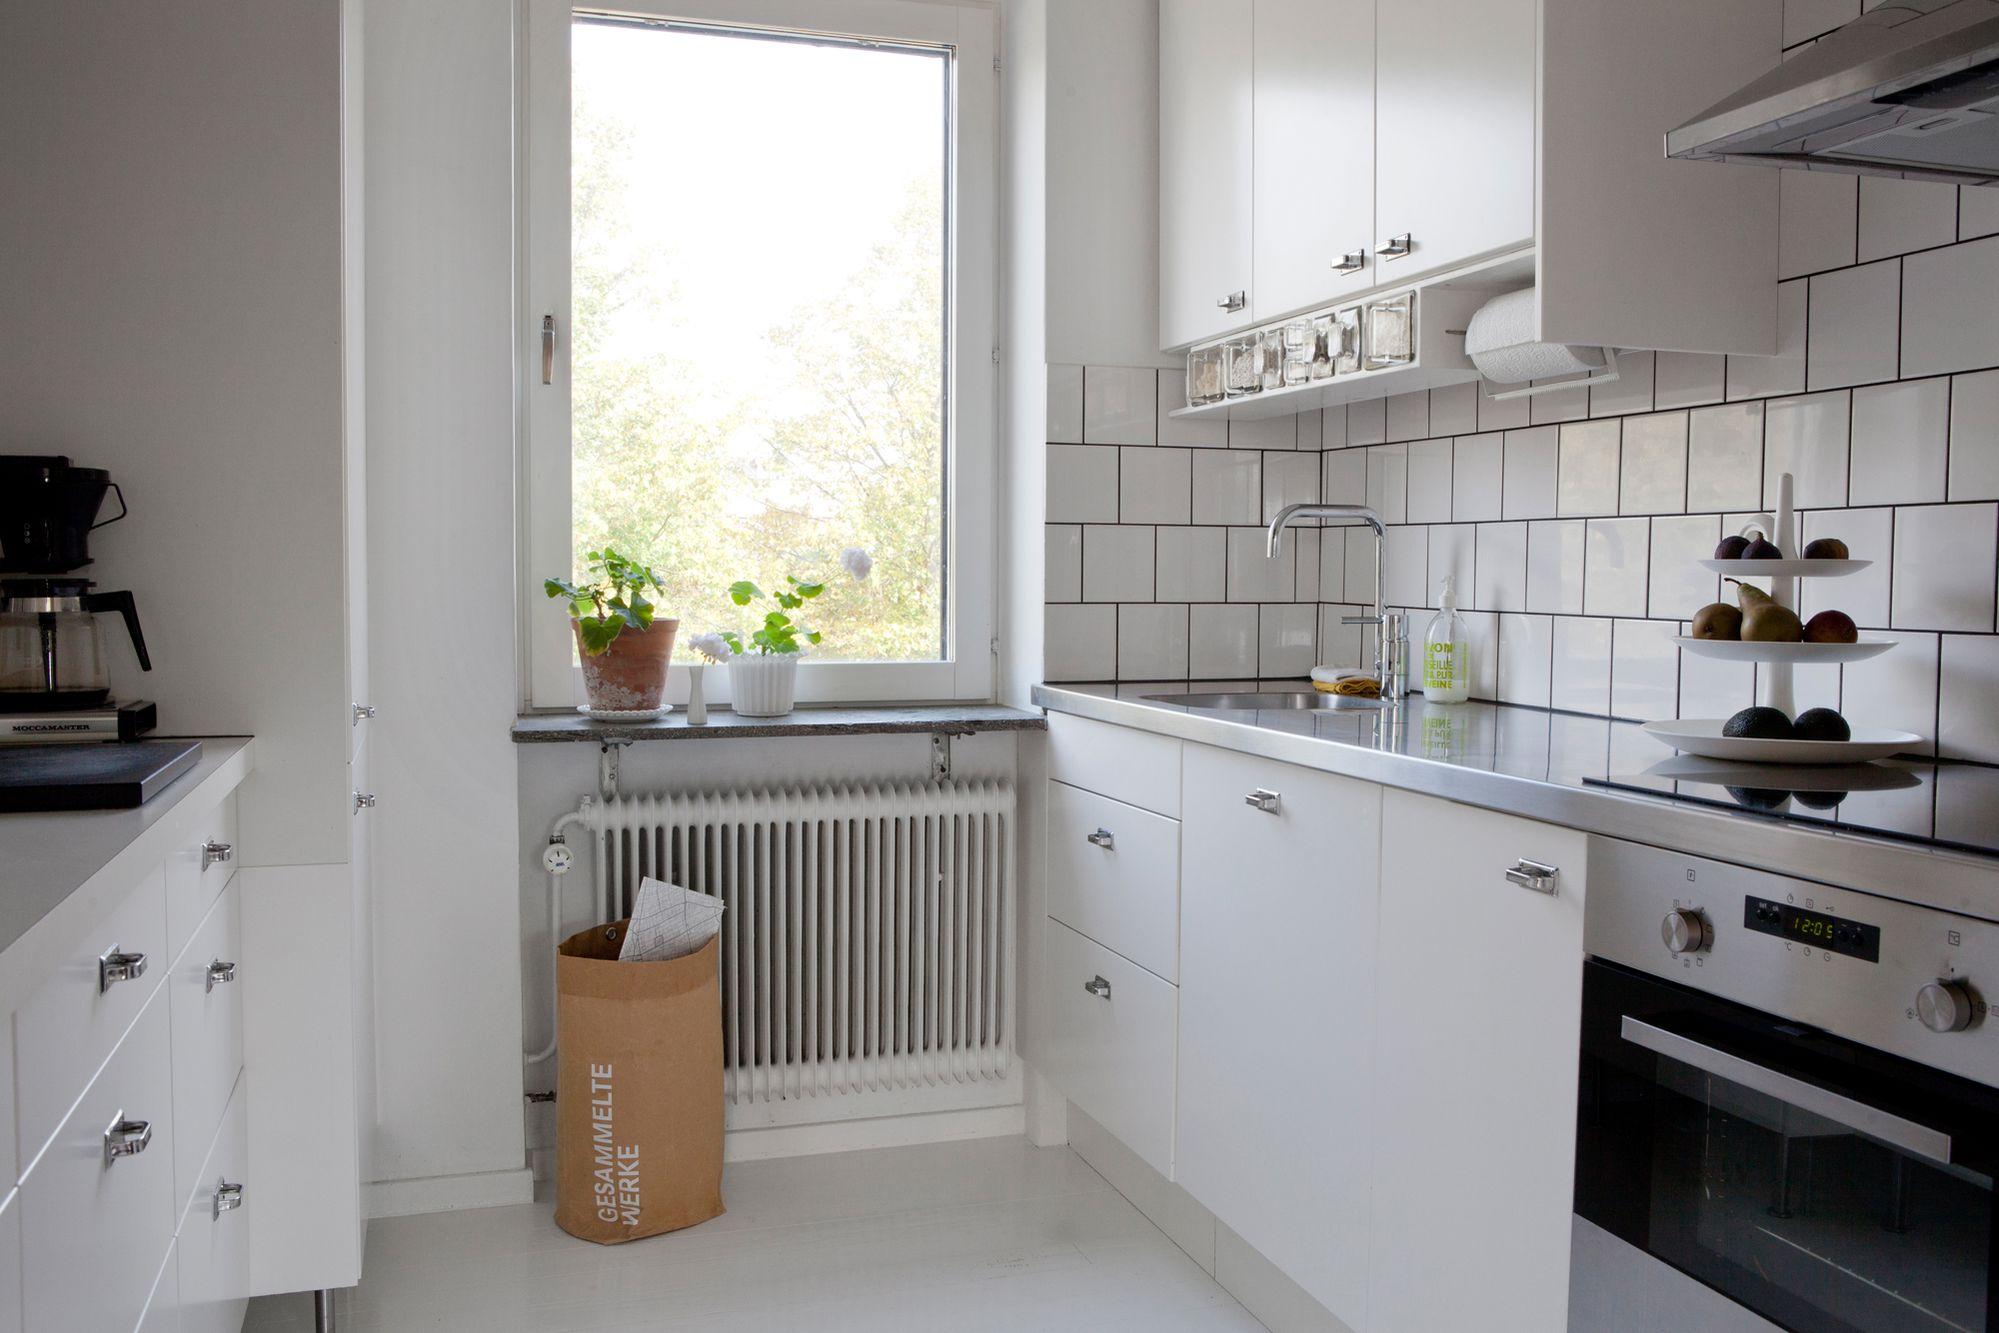 Vidas modernas en pisos antiguos blog tienda decoraci n for Decoracion pisos pequenos modernos